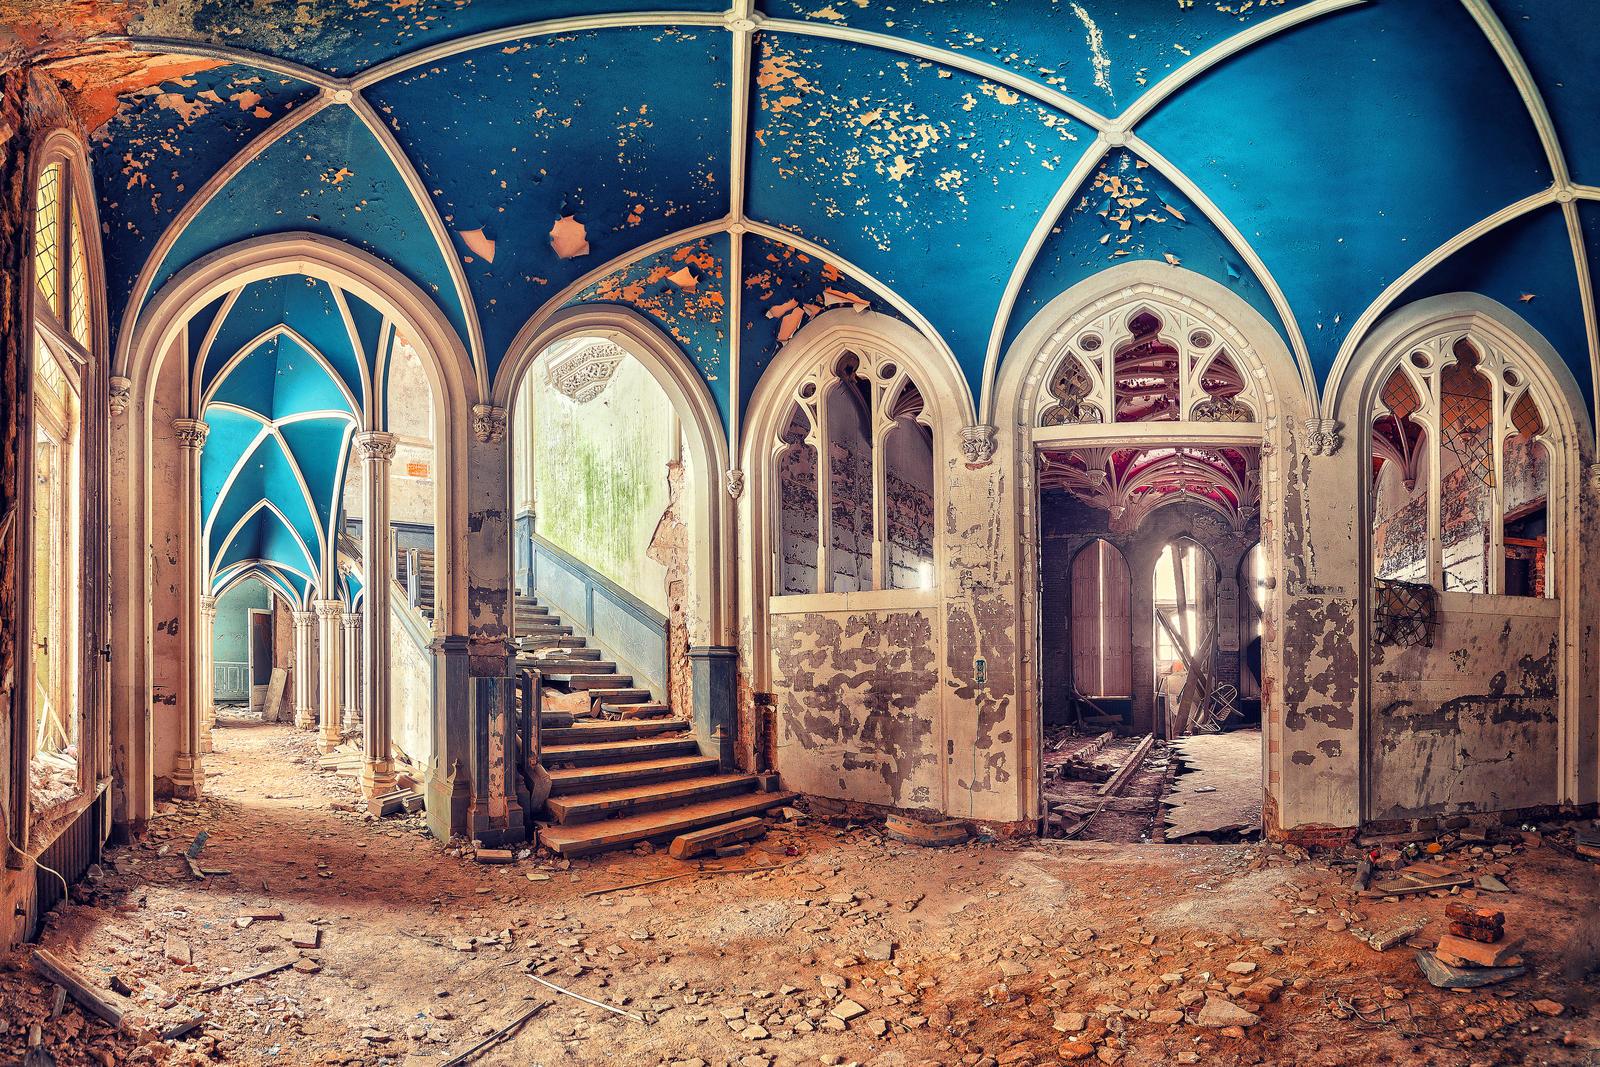 Beauty in Blue by Matthias-Haker